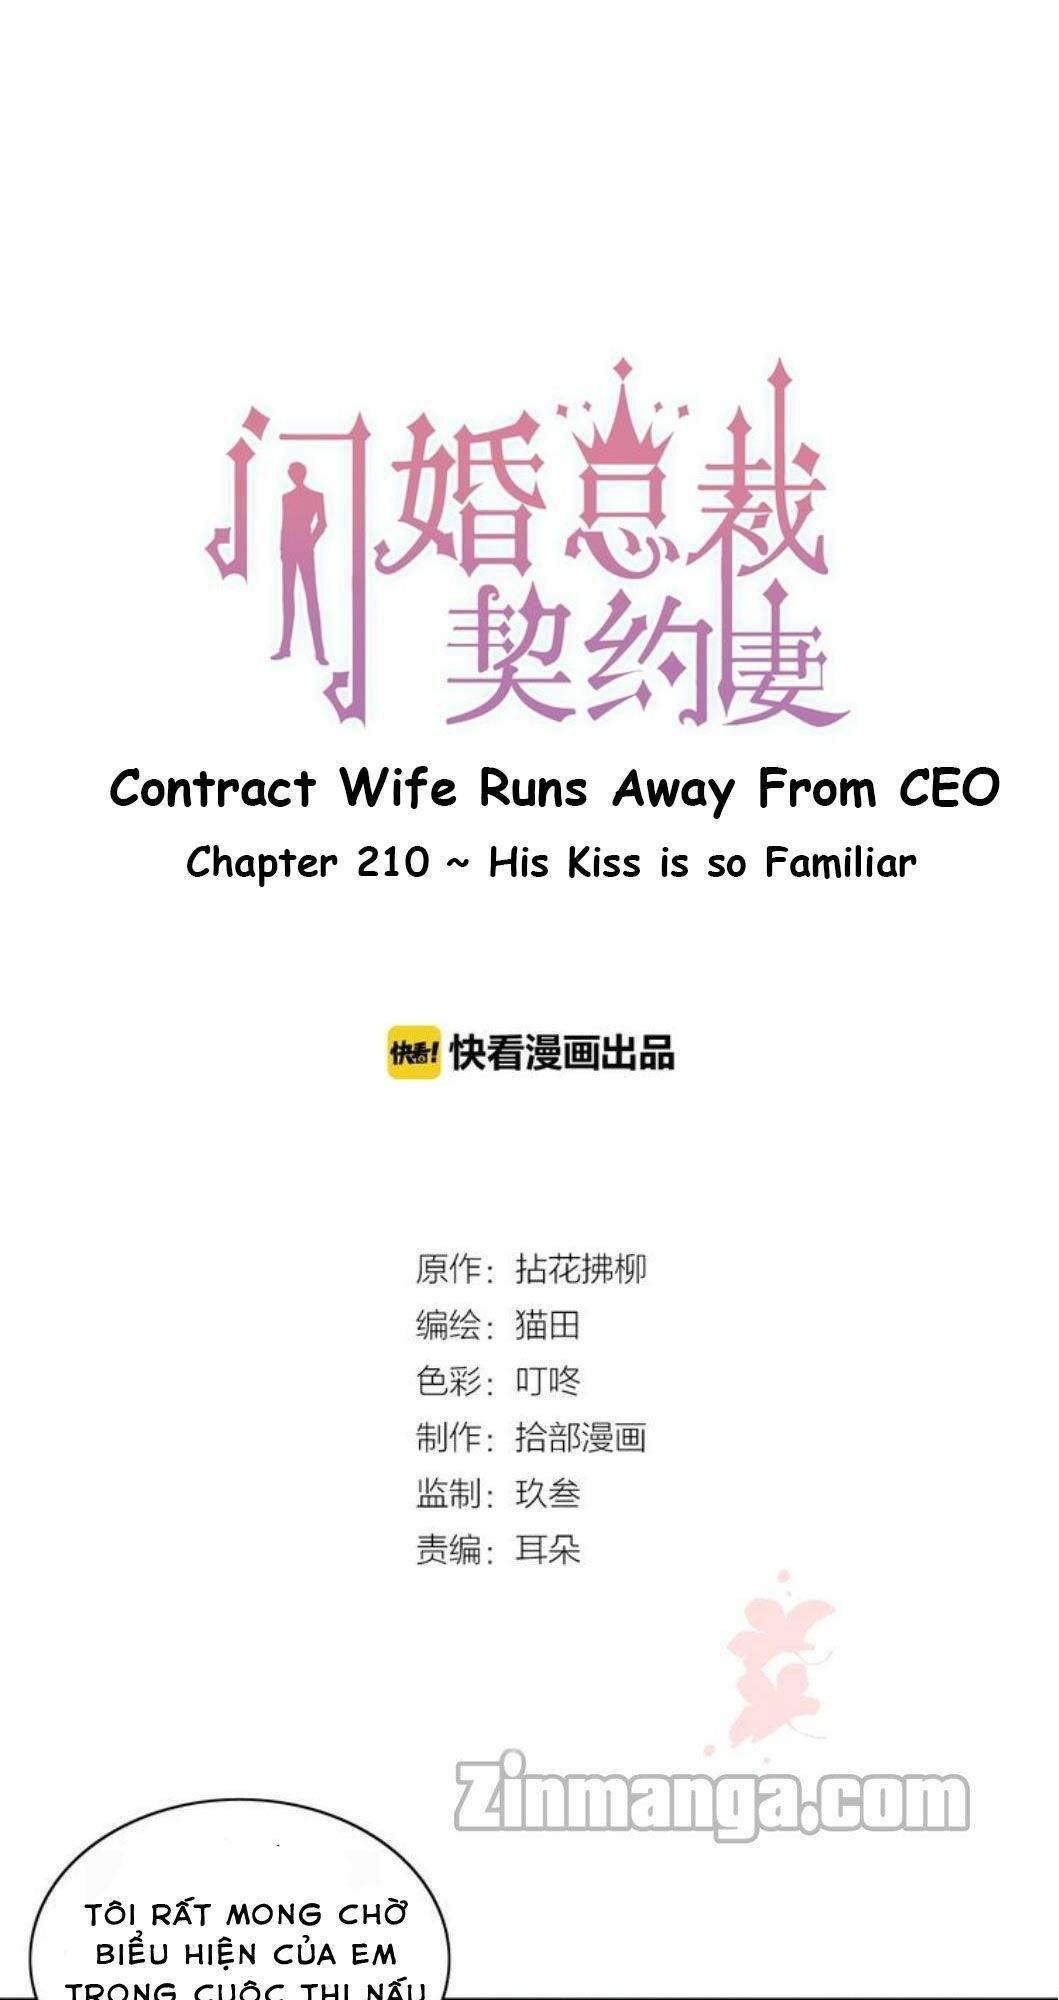 Cô Vợ Hợp Đồng Bỏ Trốn Của Tổng Giám Đốc Chapter 210 - Trang 1